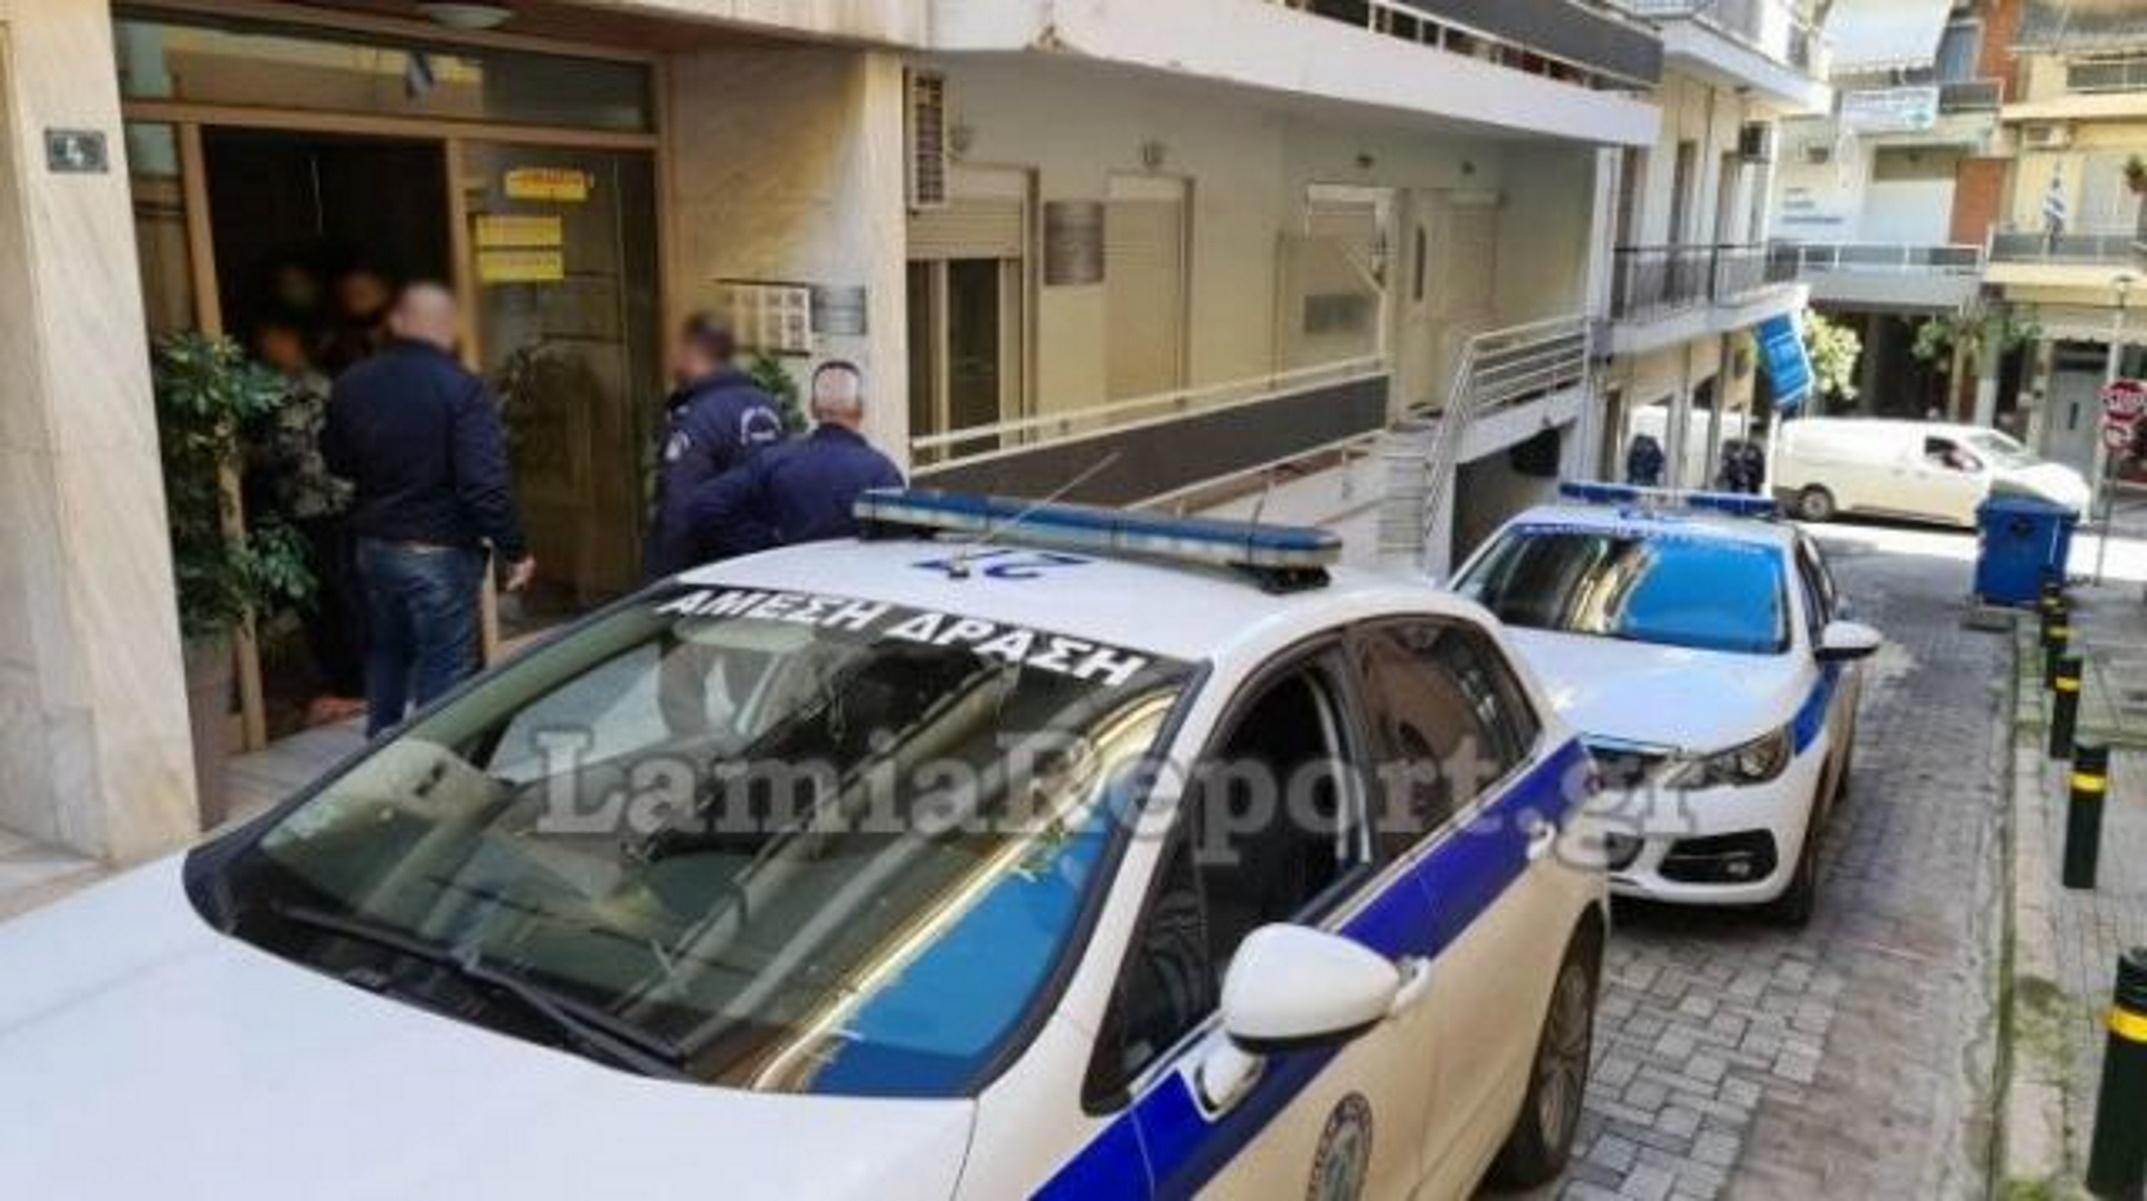 Λαμία: Είδε τους κλέφτες από το ματάκι της πόρτας (pics, video)